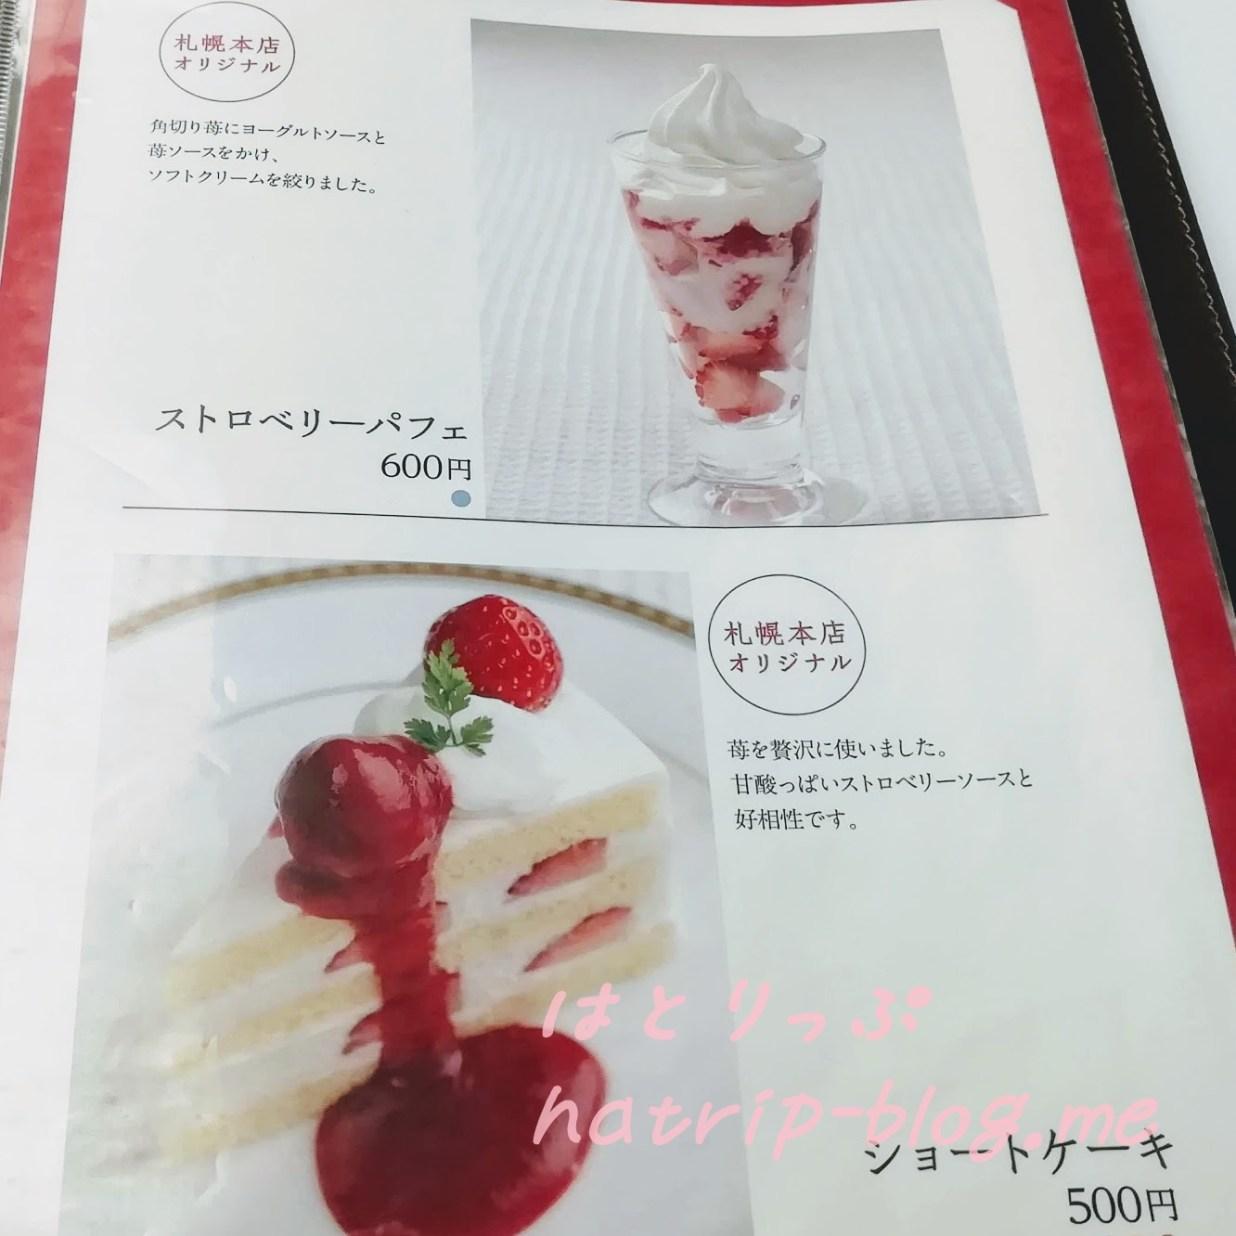 北海道 六花亭 札幌本店 喫茶室 カフェ メニュー ストロベリーパフェ ショートケーキ